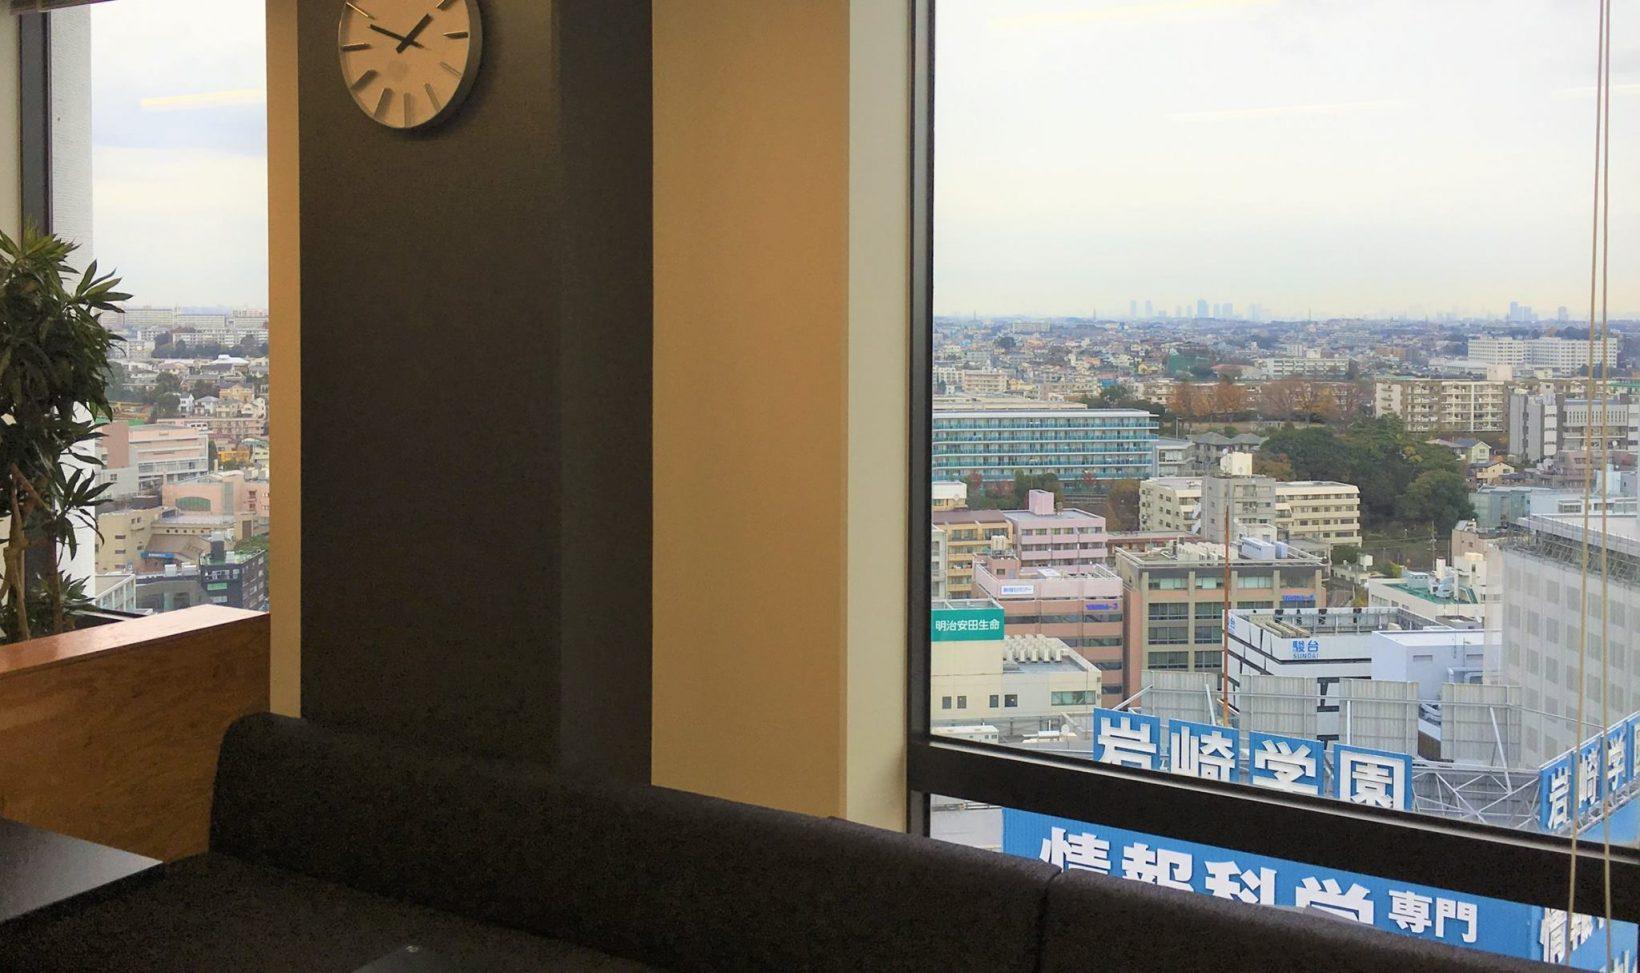 コンシェルジュインタビュー第9回:横浜 ②工夫と目標篇